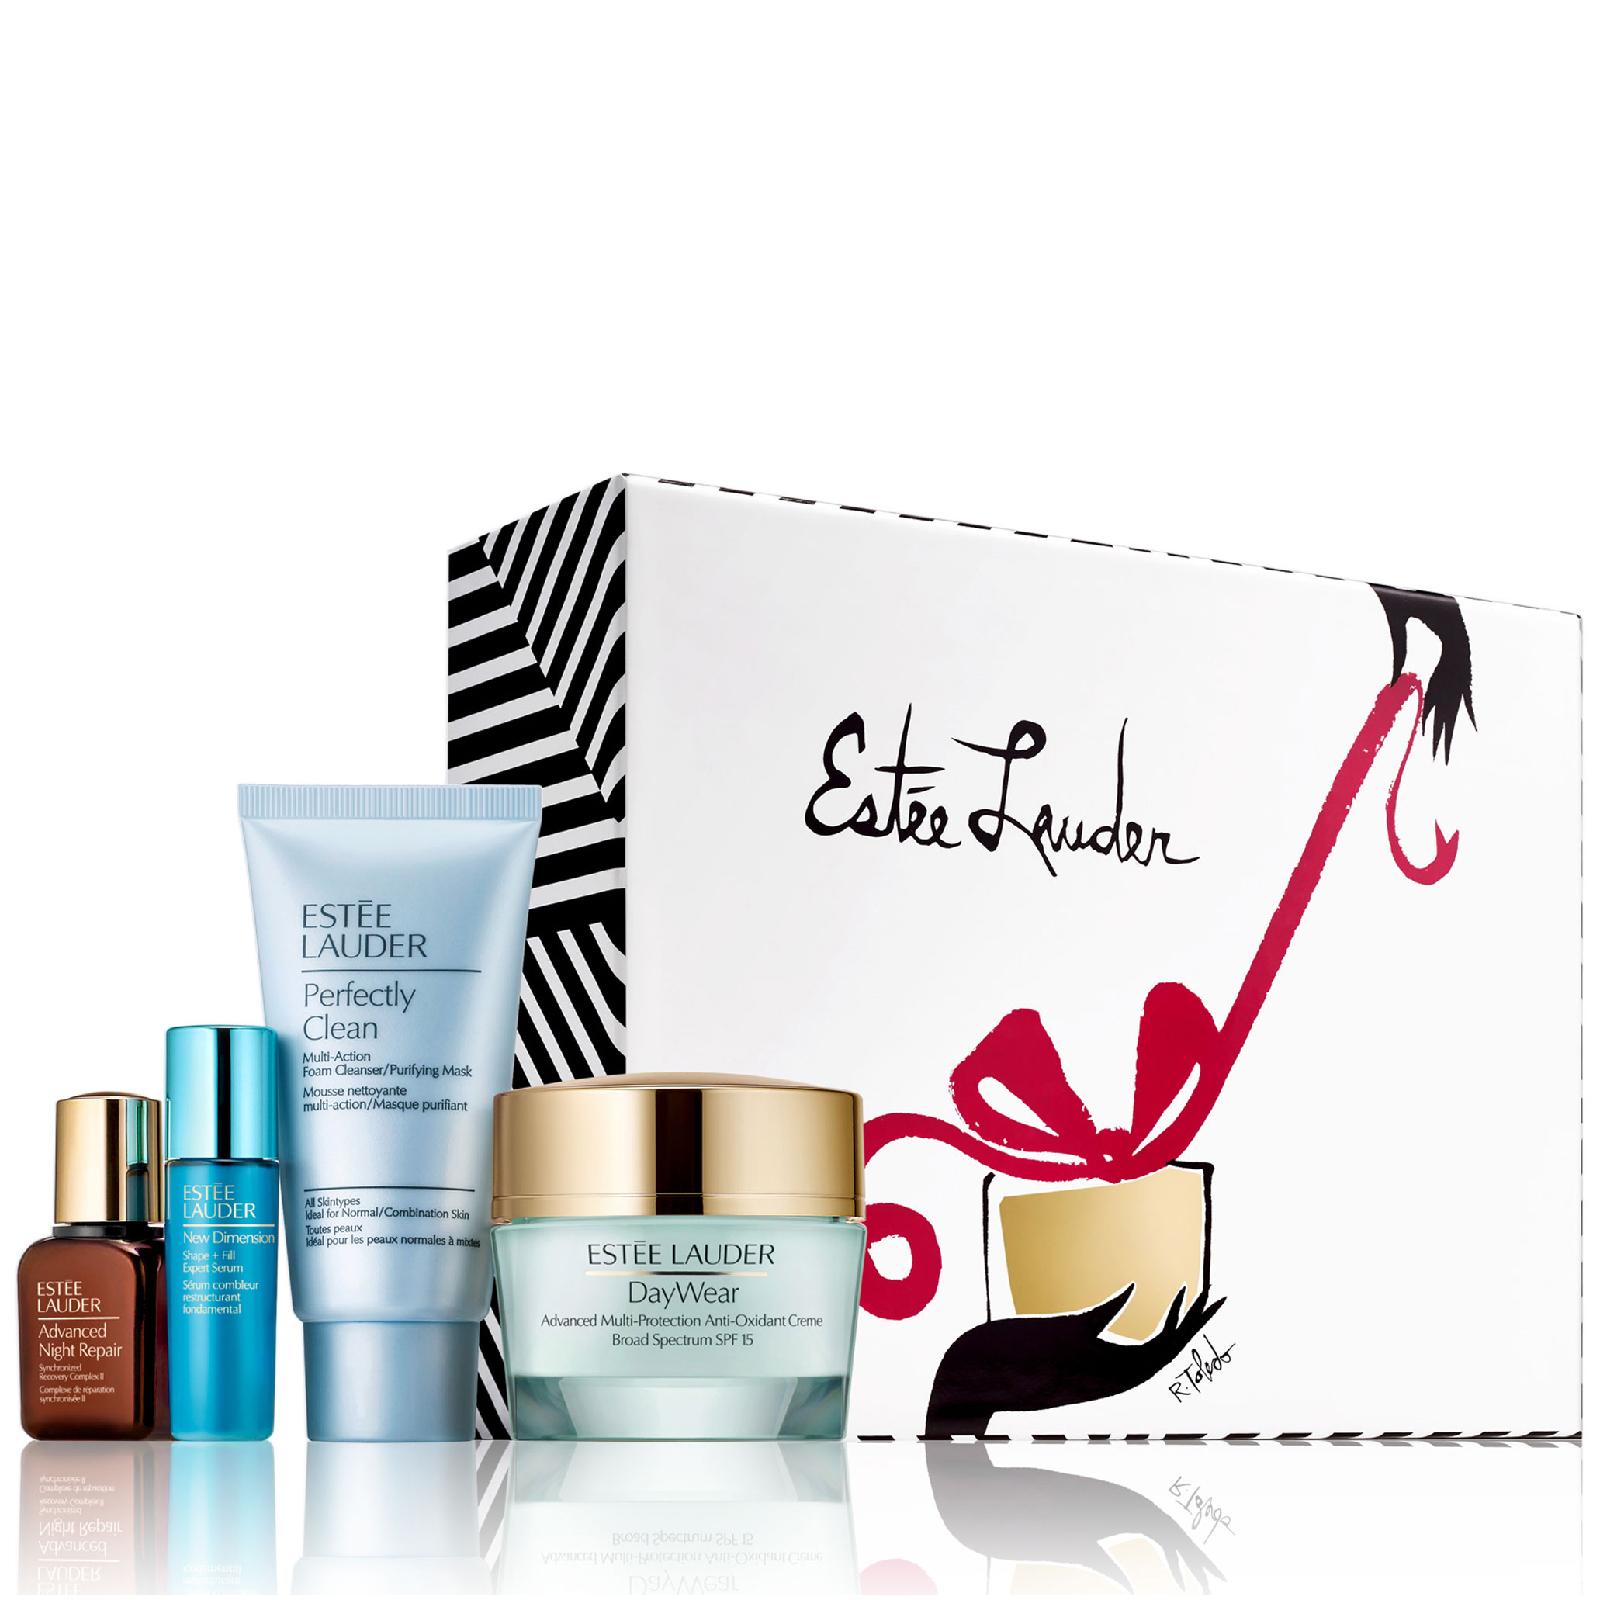 Estee Lauder Age Prevention Essentials Gift Set Lookfantastic